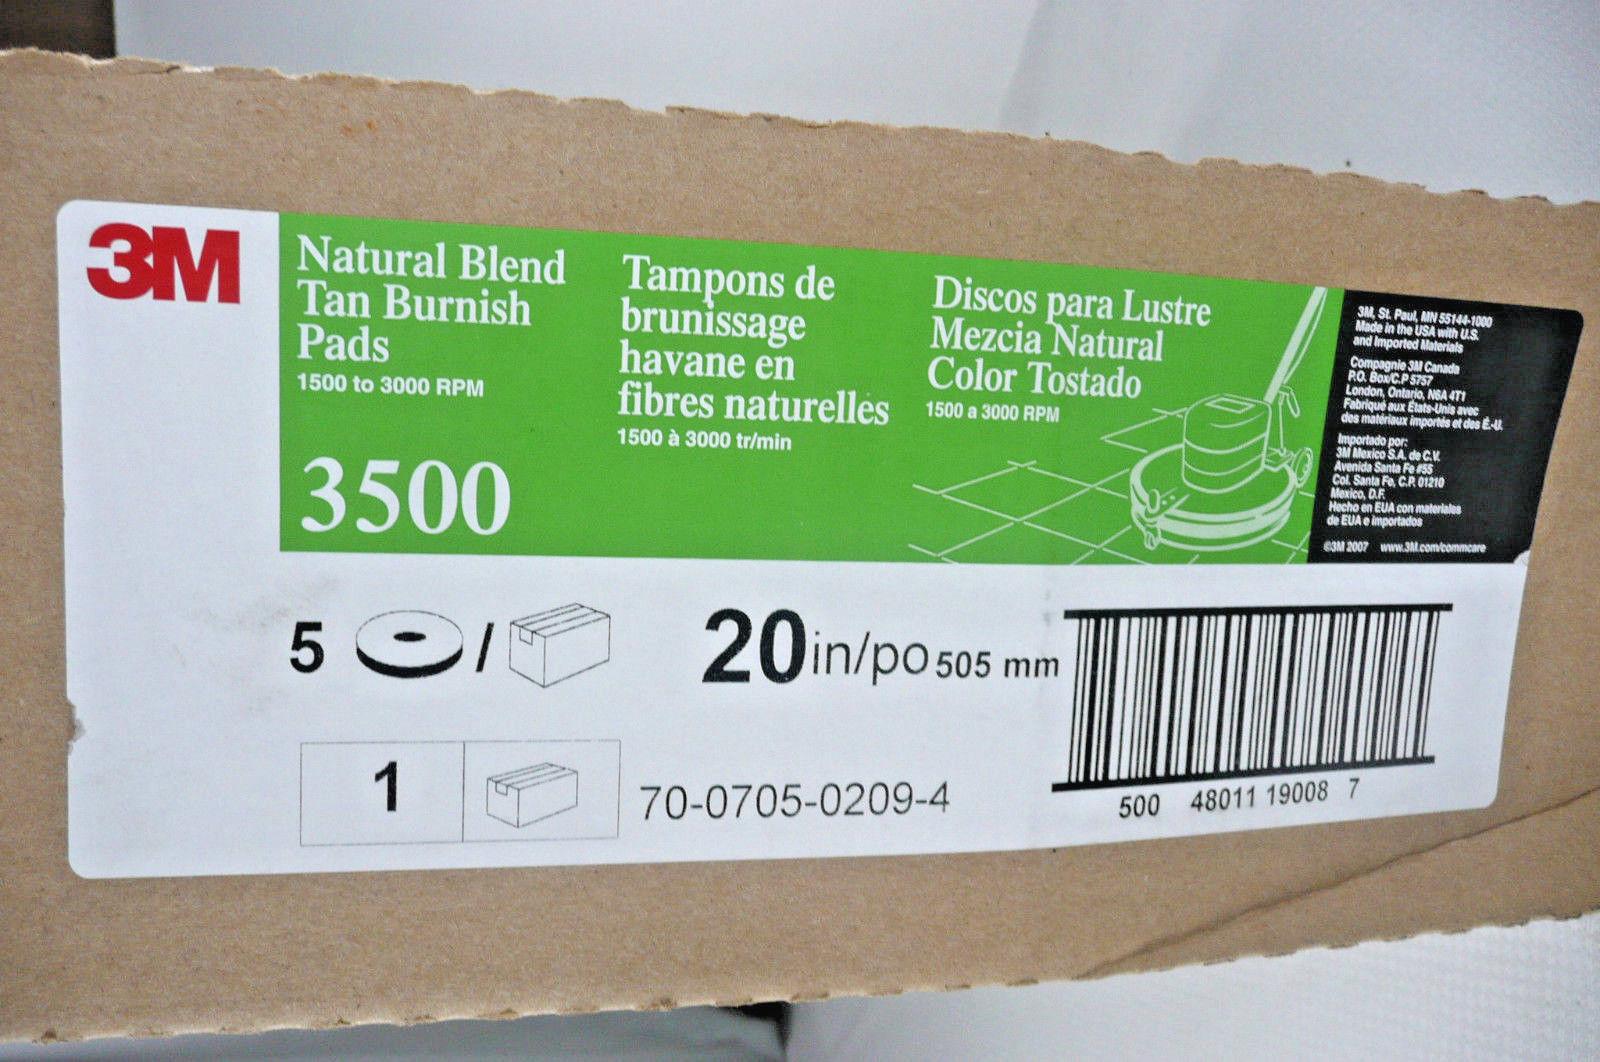 3M Natural Blend Tan Burnish Pads 3500 20